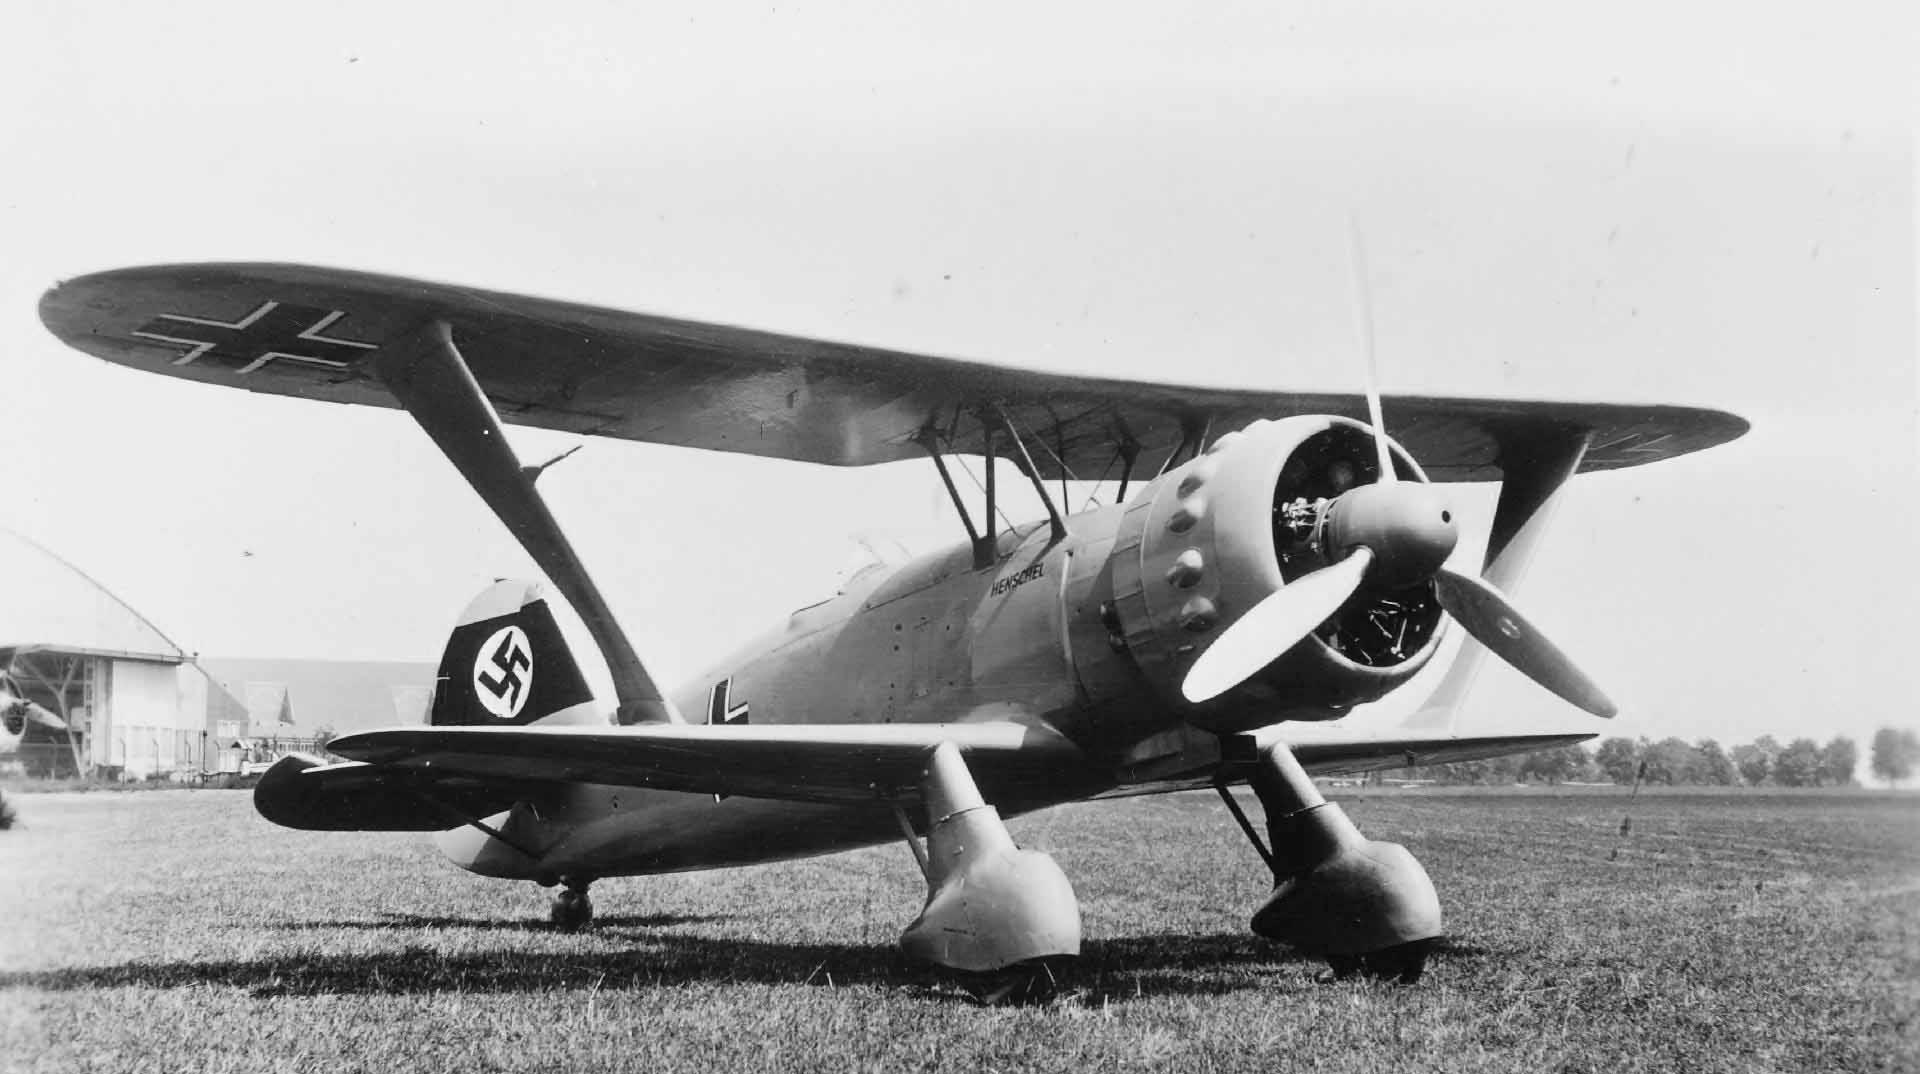 Hs 123 prototype V-5